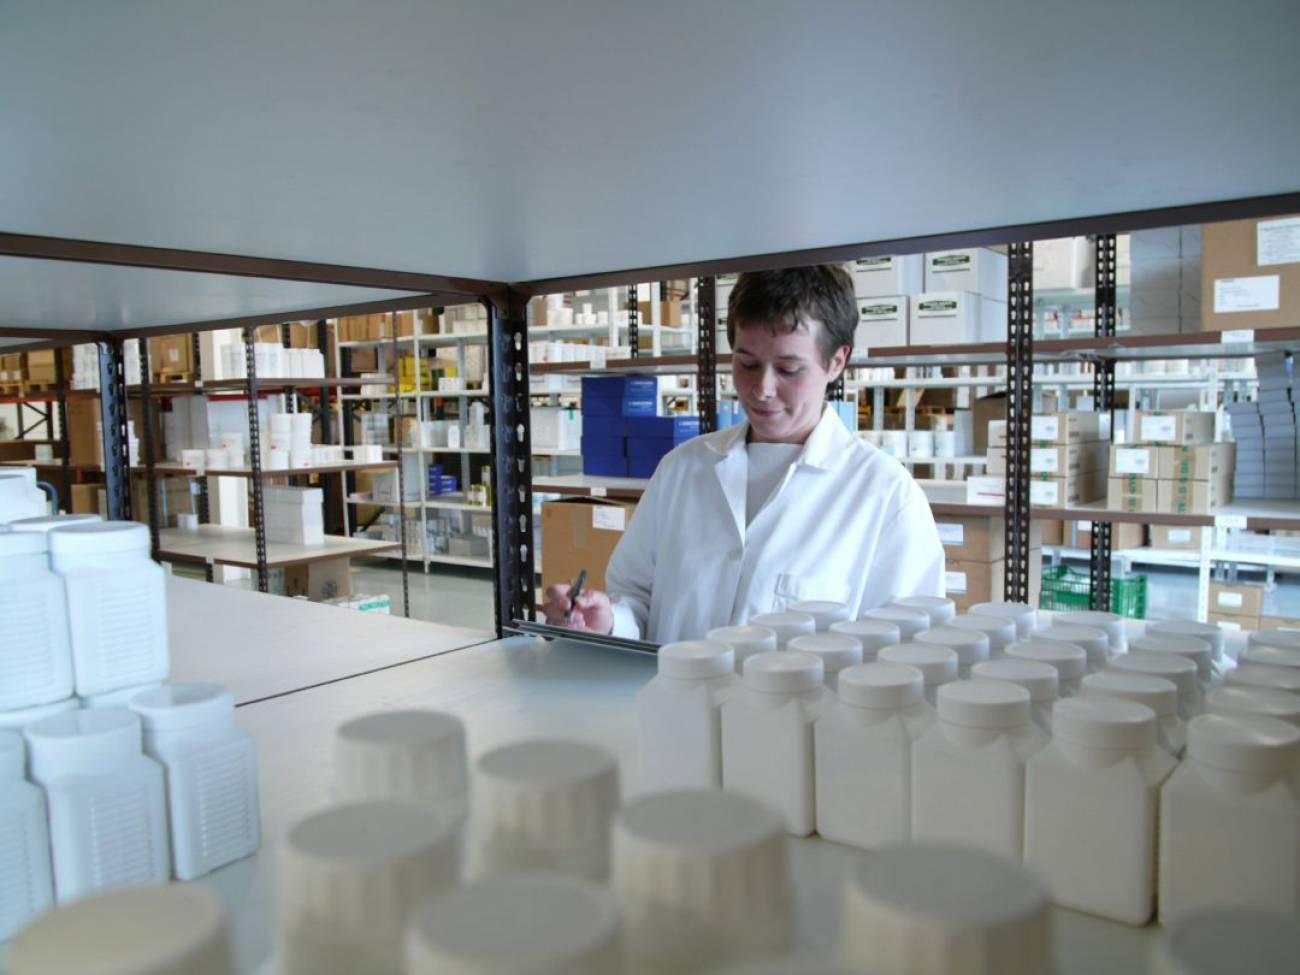 Sanidad informa sobre problemas de suministro de 'Fludarabina' 25 mg hasta «finales de marzo»